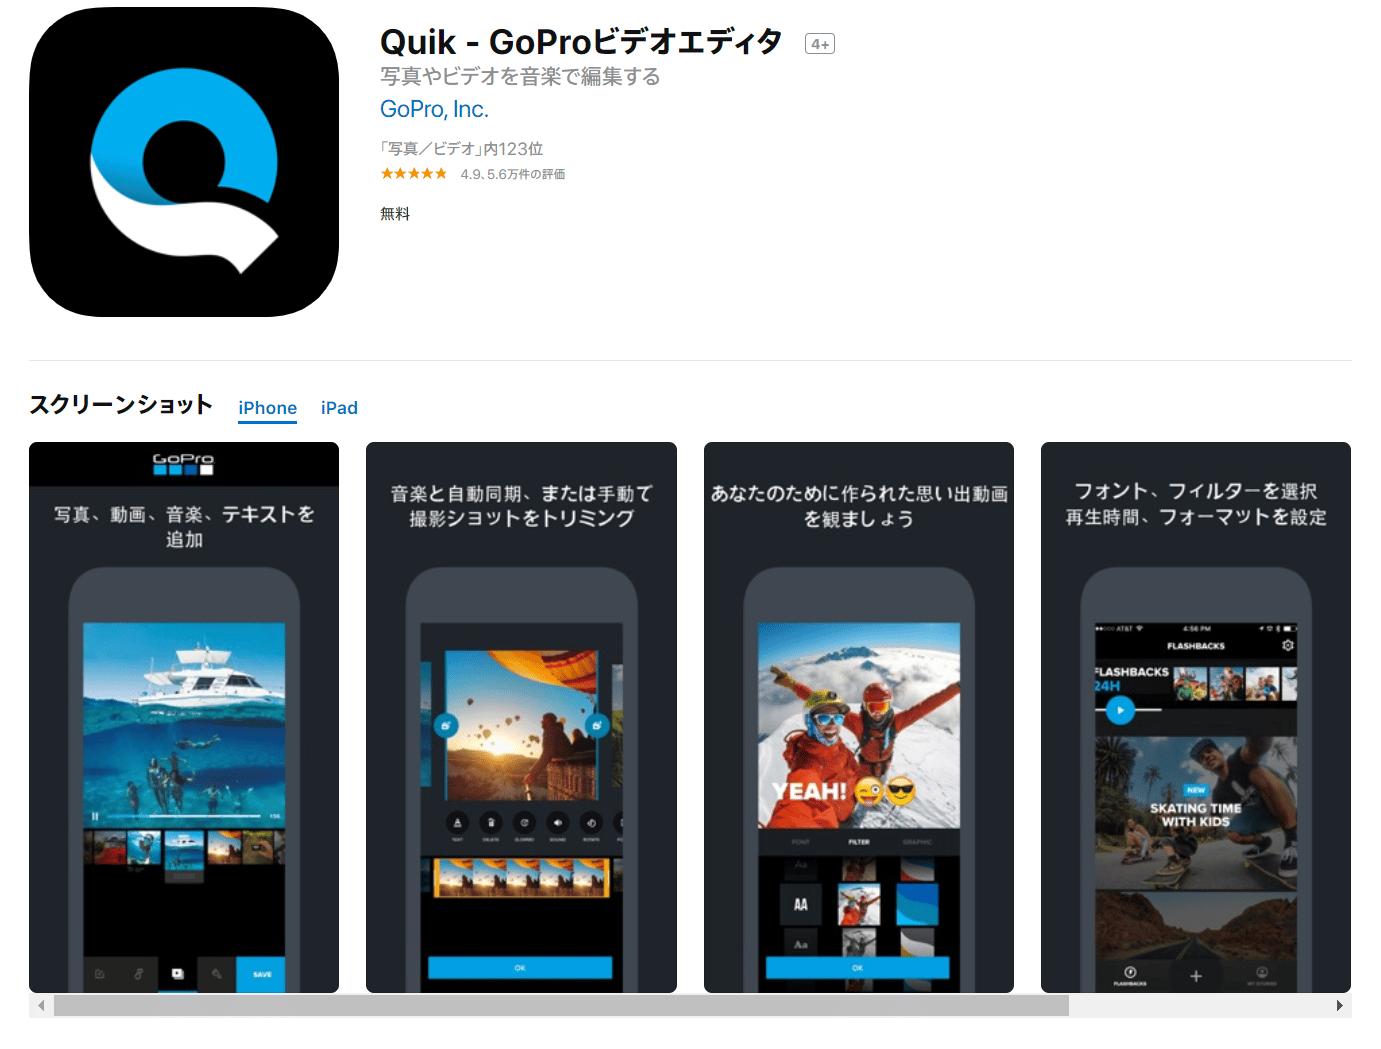 おすすめ動画編集アプリ2位:Quik